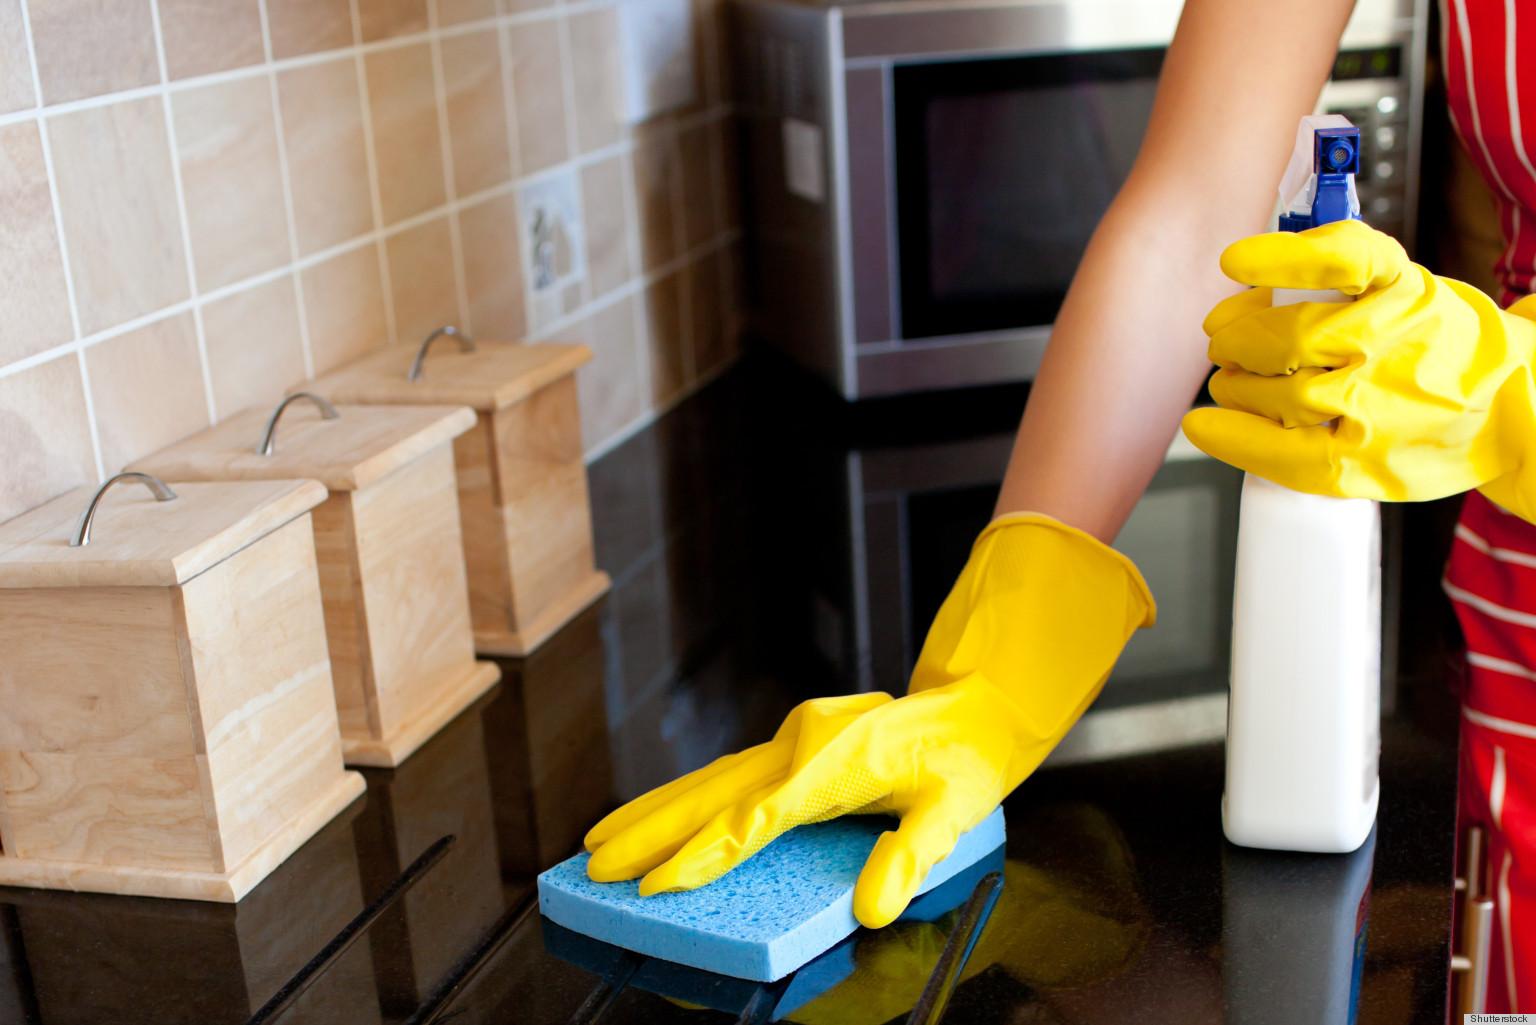 شركة تنظيف مطابخ وازالة الدهون في الشارقة